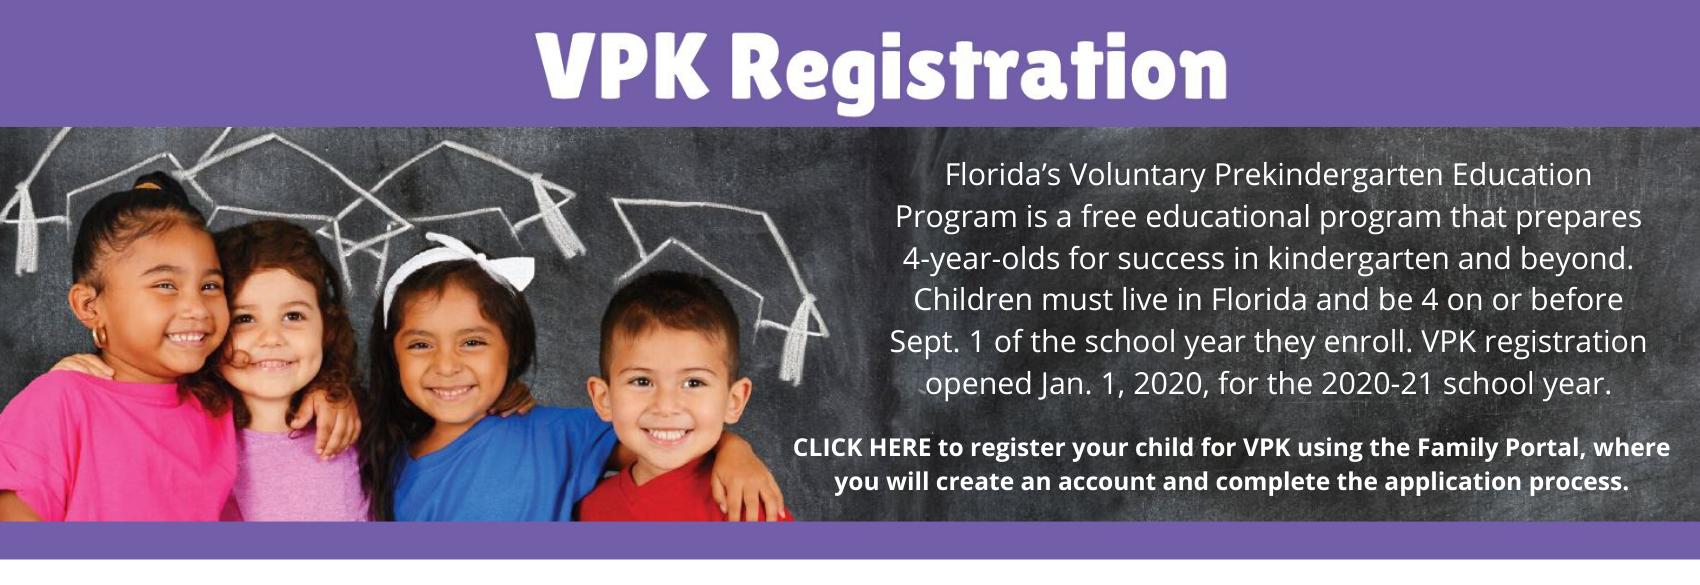 VPK Registration